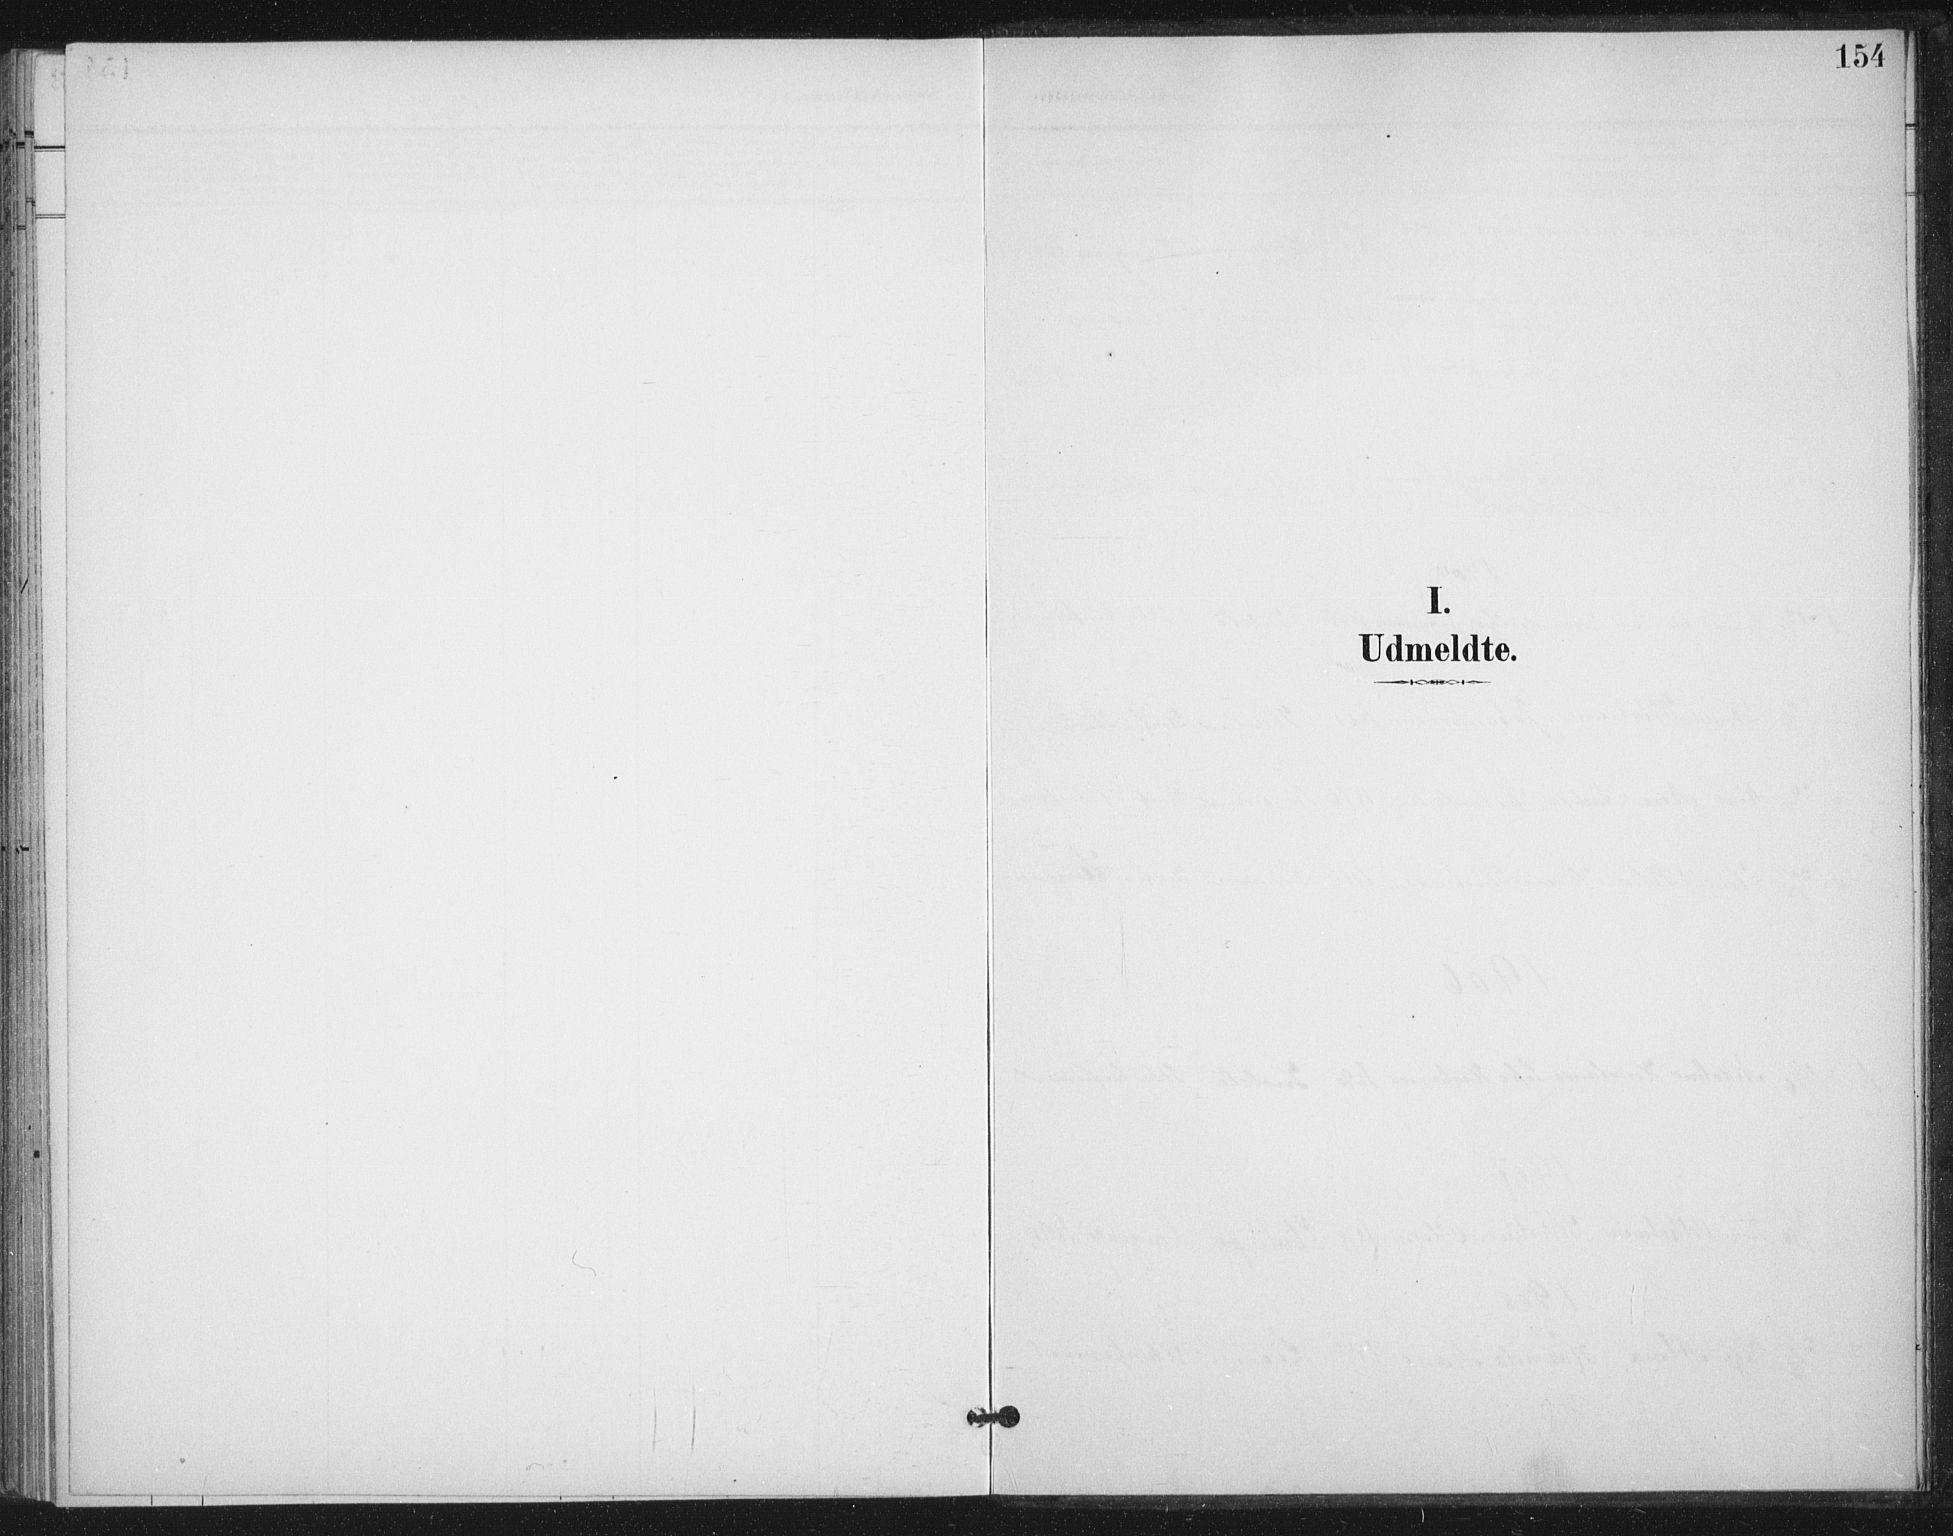 SAT, Ministerialprotokoller, klokkerbøker og fødselsregistre - Nordland, 894/L1356: Parish register (official) no. 894A02, 1897-1914, p. 154